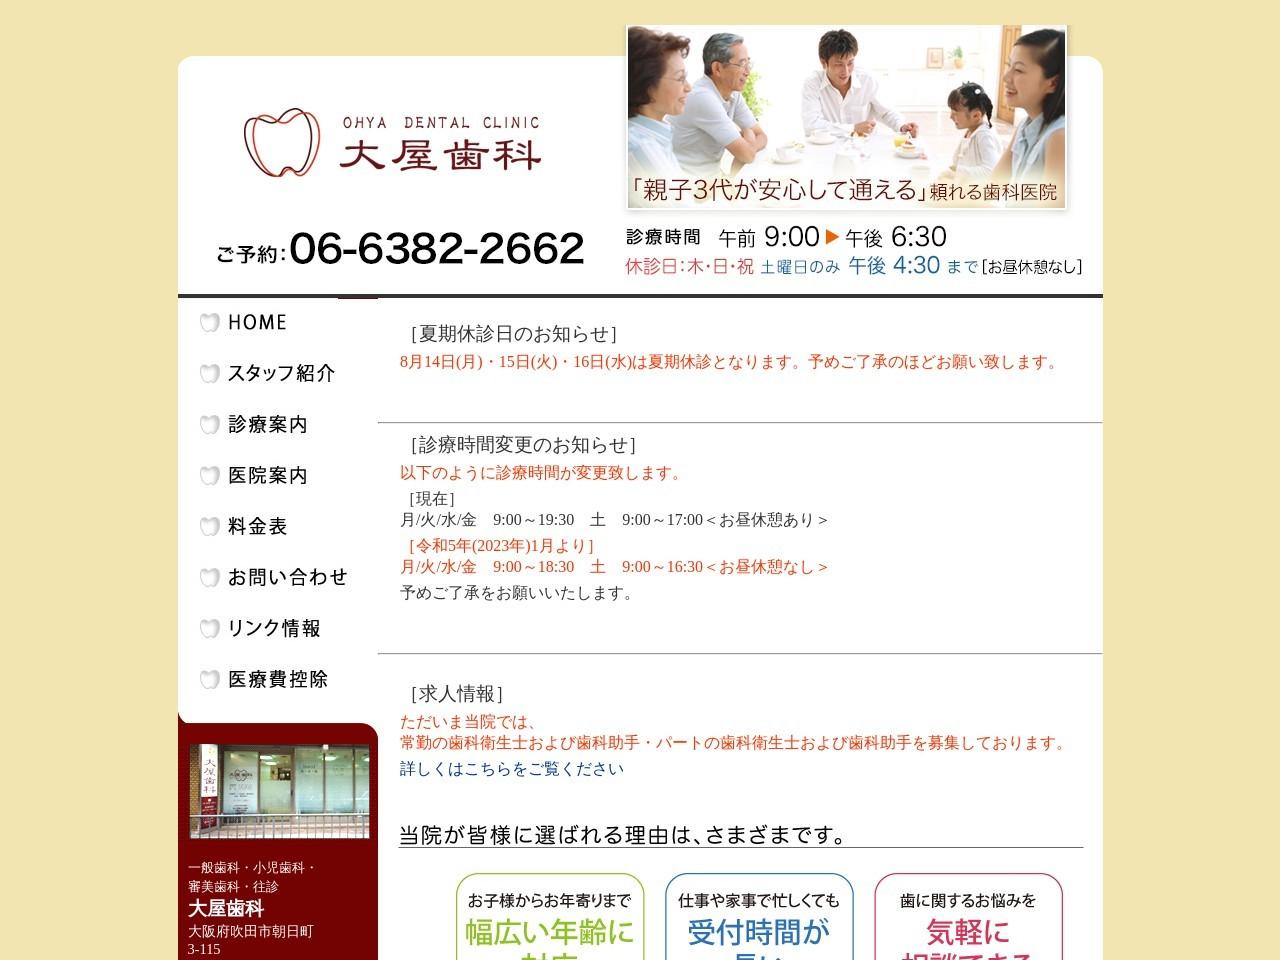 大屋歯科医院 (大阪府吹田市)